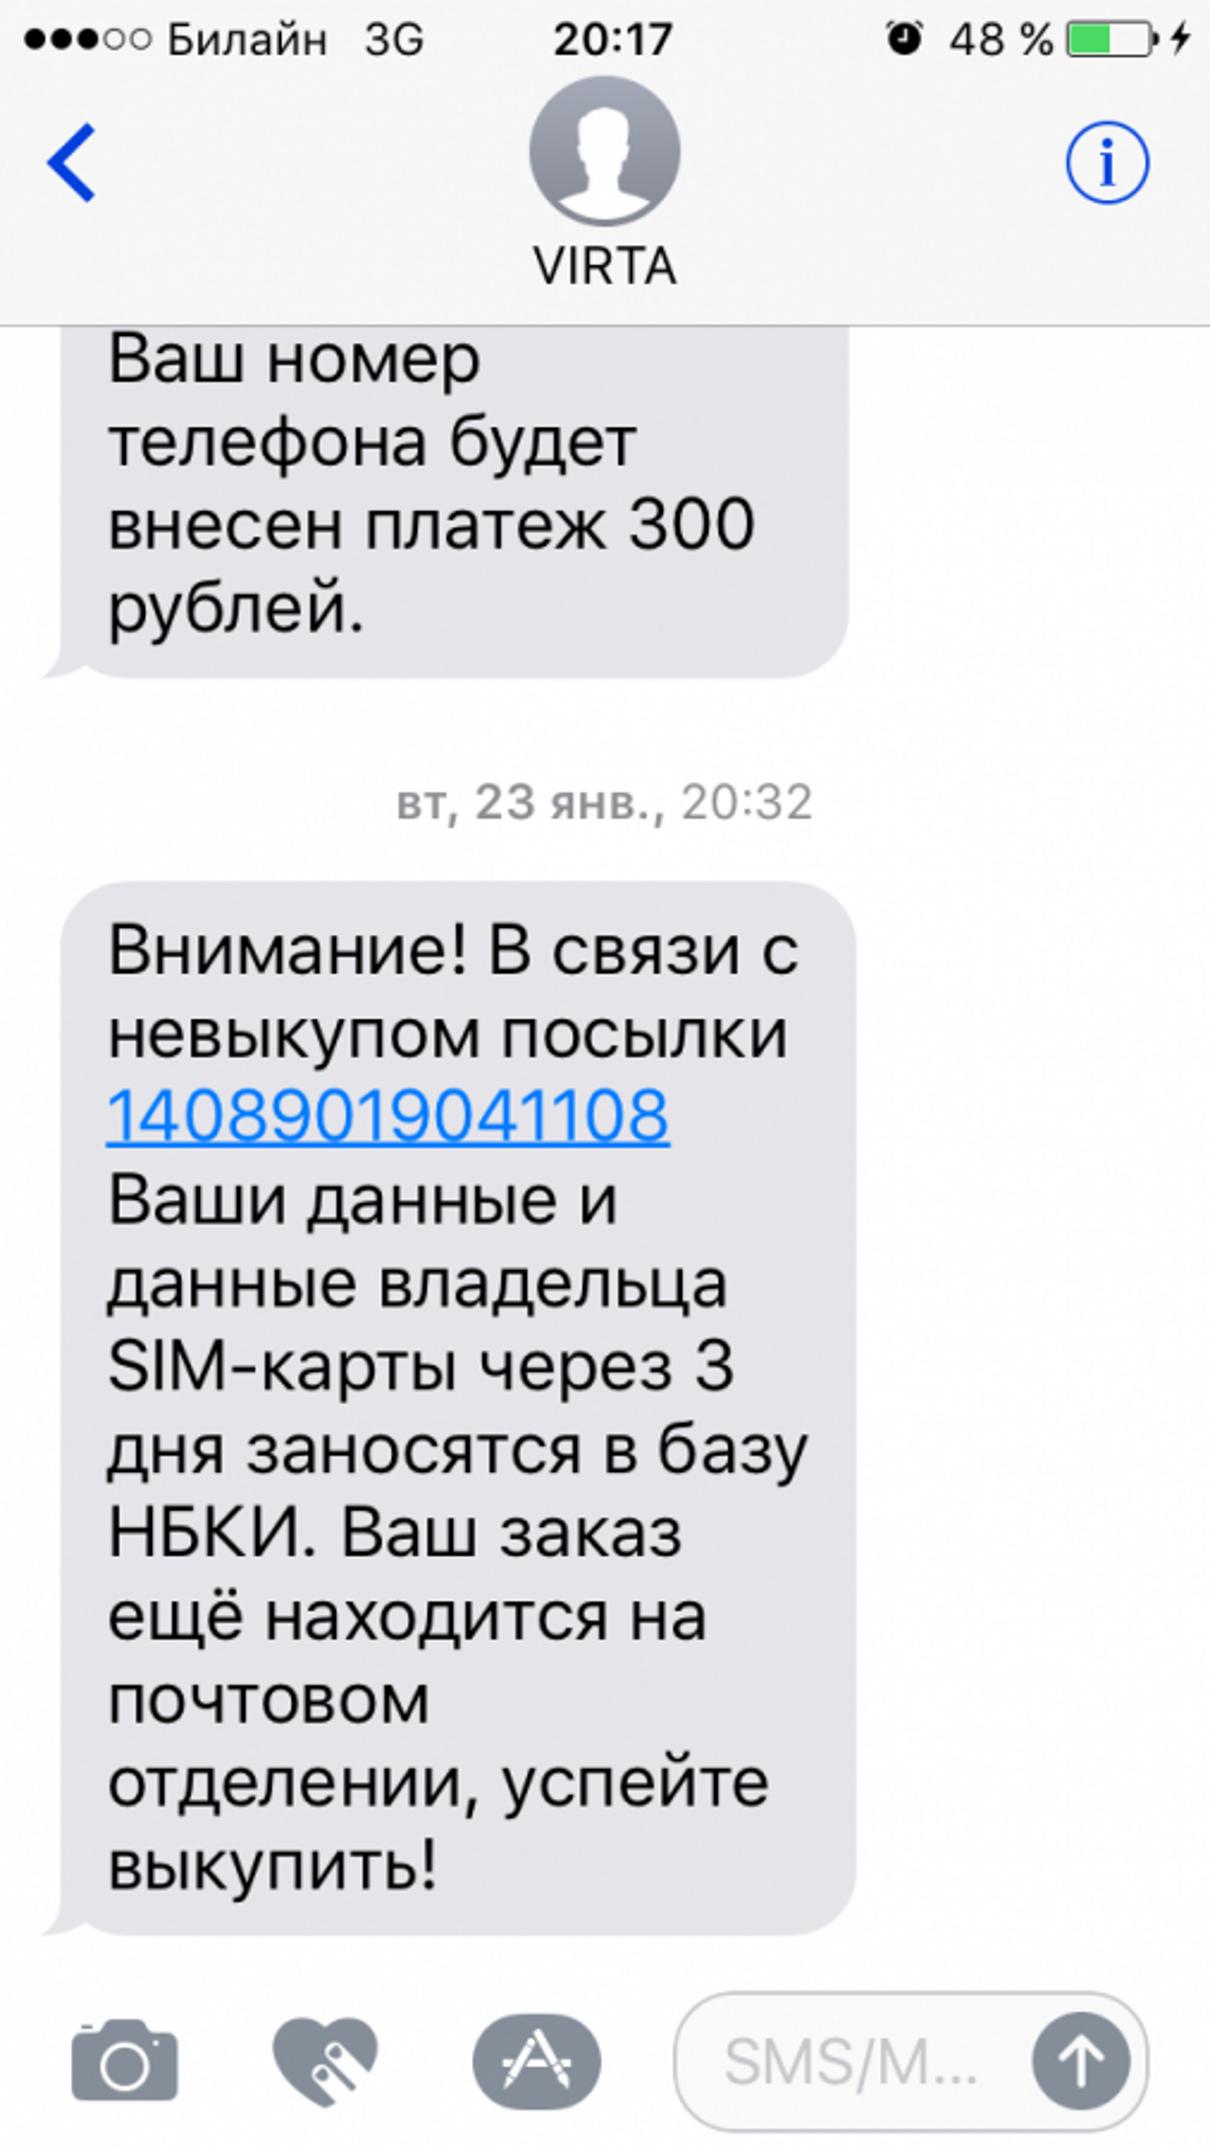 Жалоба-отзыв: ООО солекс - Мошенники.  Фото №1